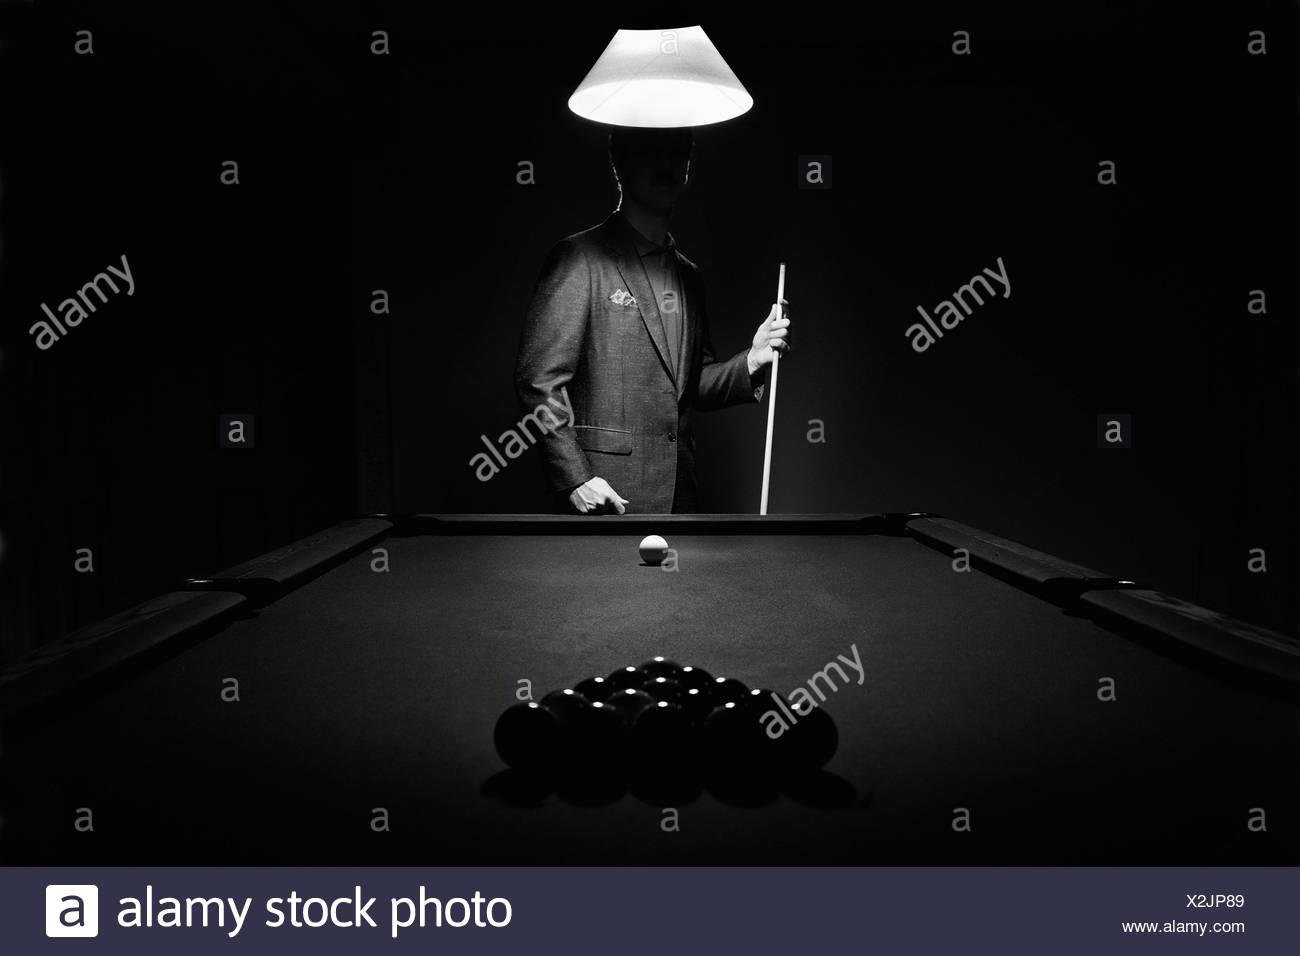 Mistero Piscina giocatore dietro cremagliera delle palle da biliardo; Edmonton, Alberta, Canada Immagini Stock